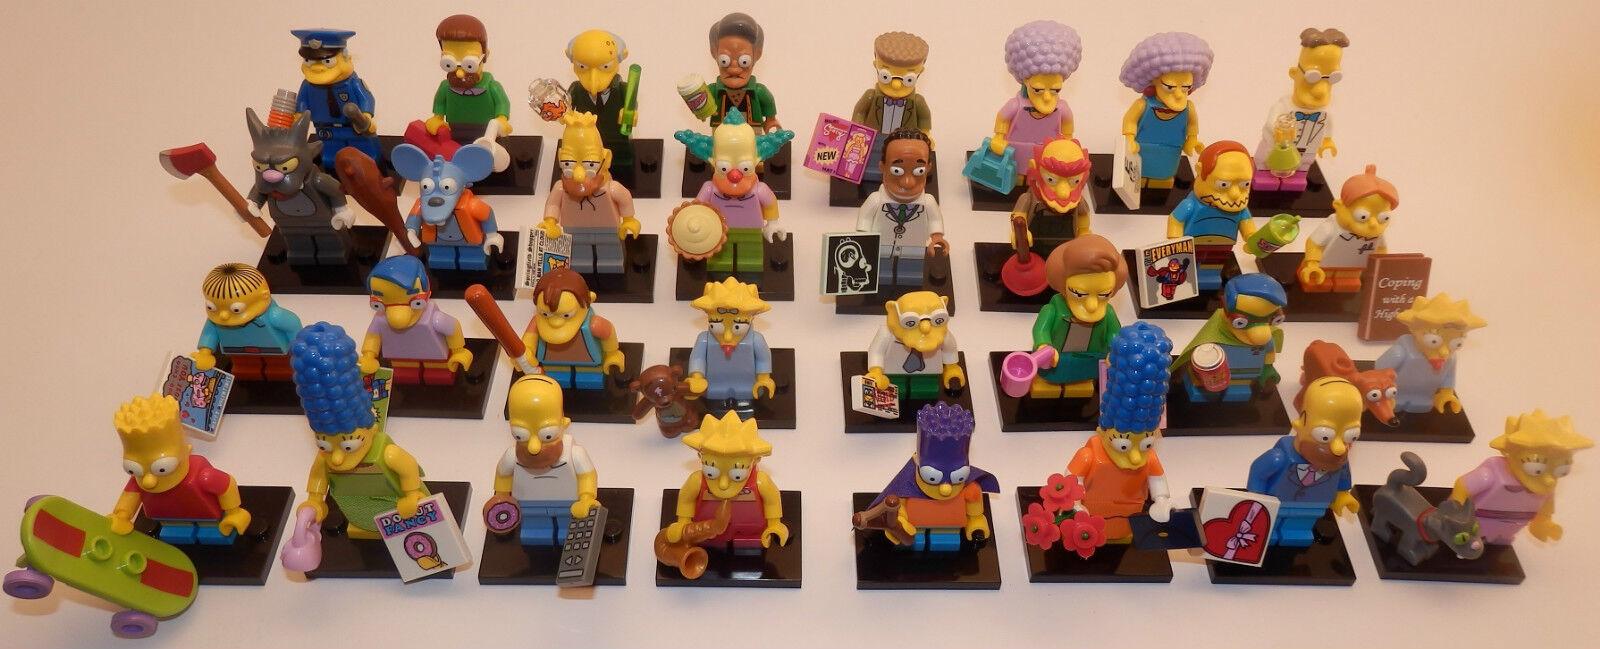 ComplèteHommes t jeux jeux jeux Lego Simpsons série 1 + 2 tous les 32 PERSONNAGES-NEUF neufs 71005+9 d7f195